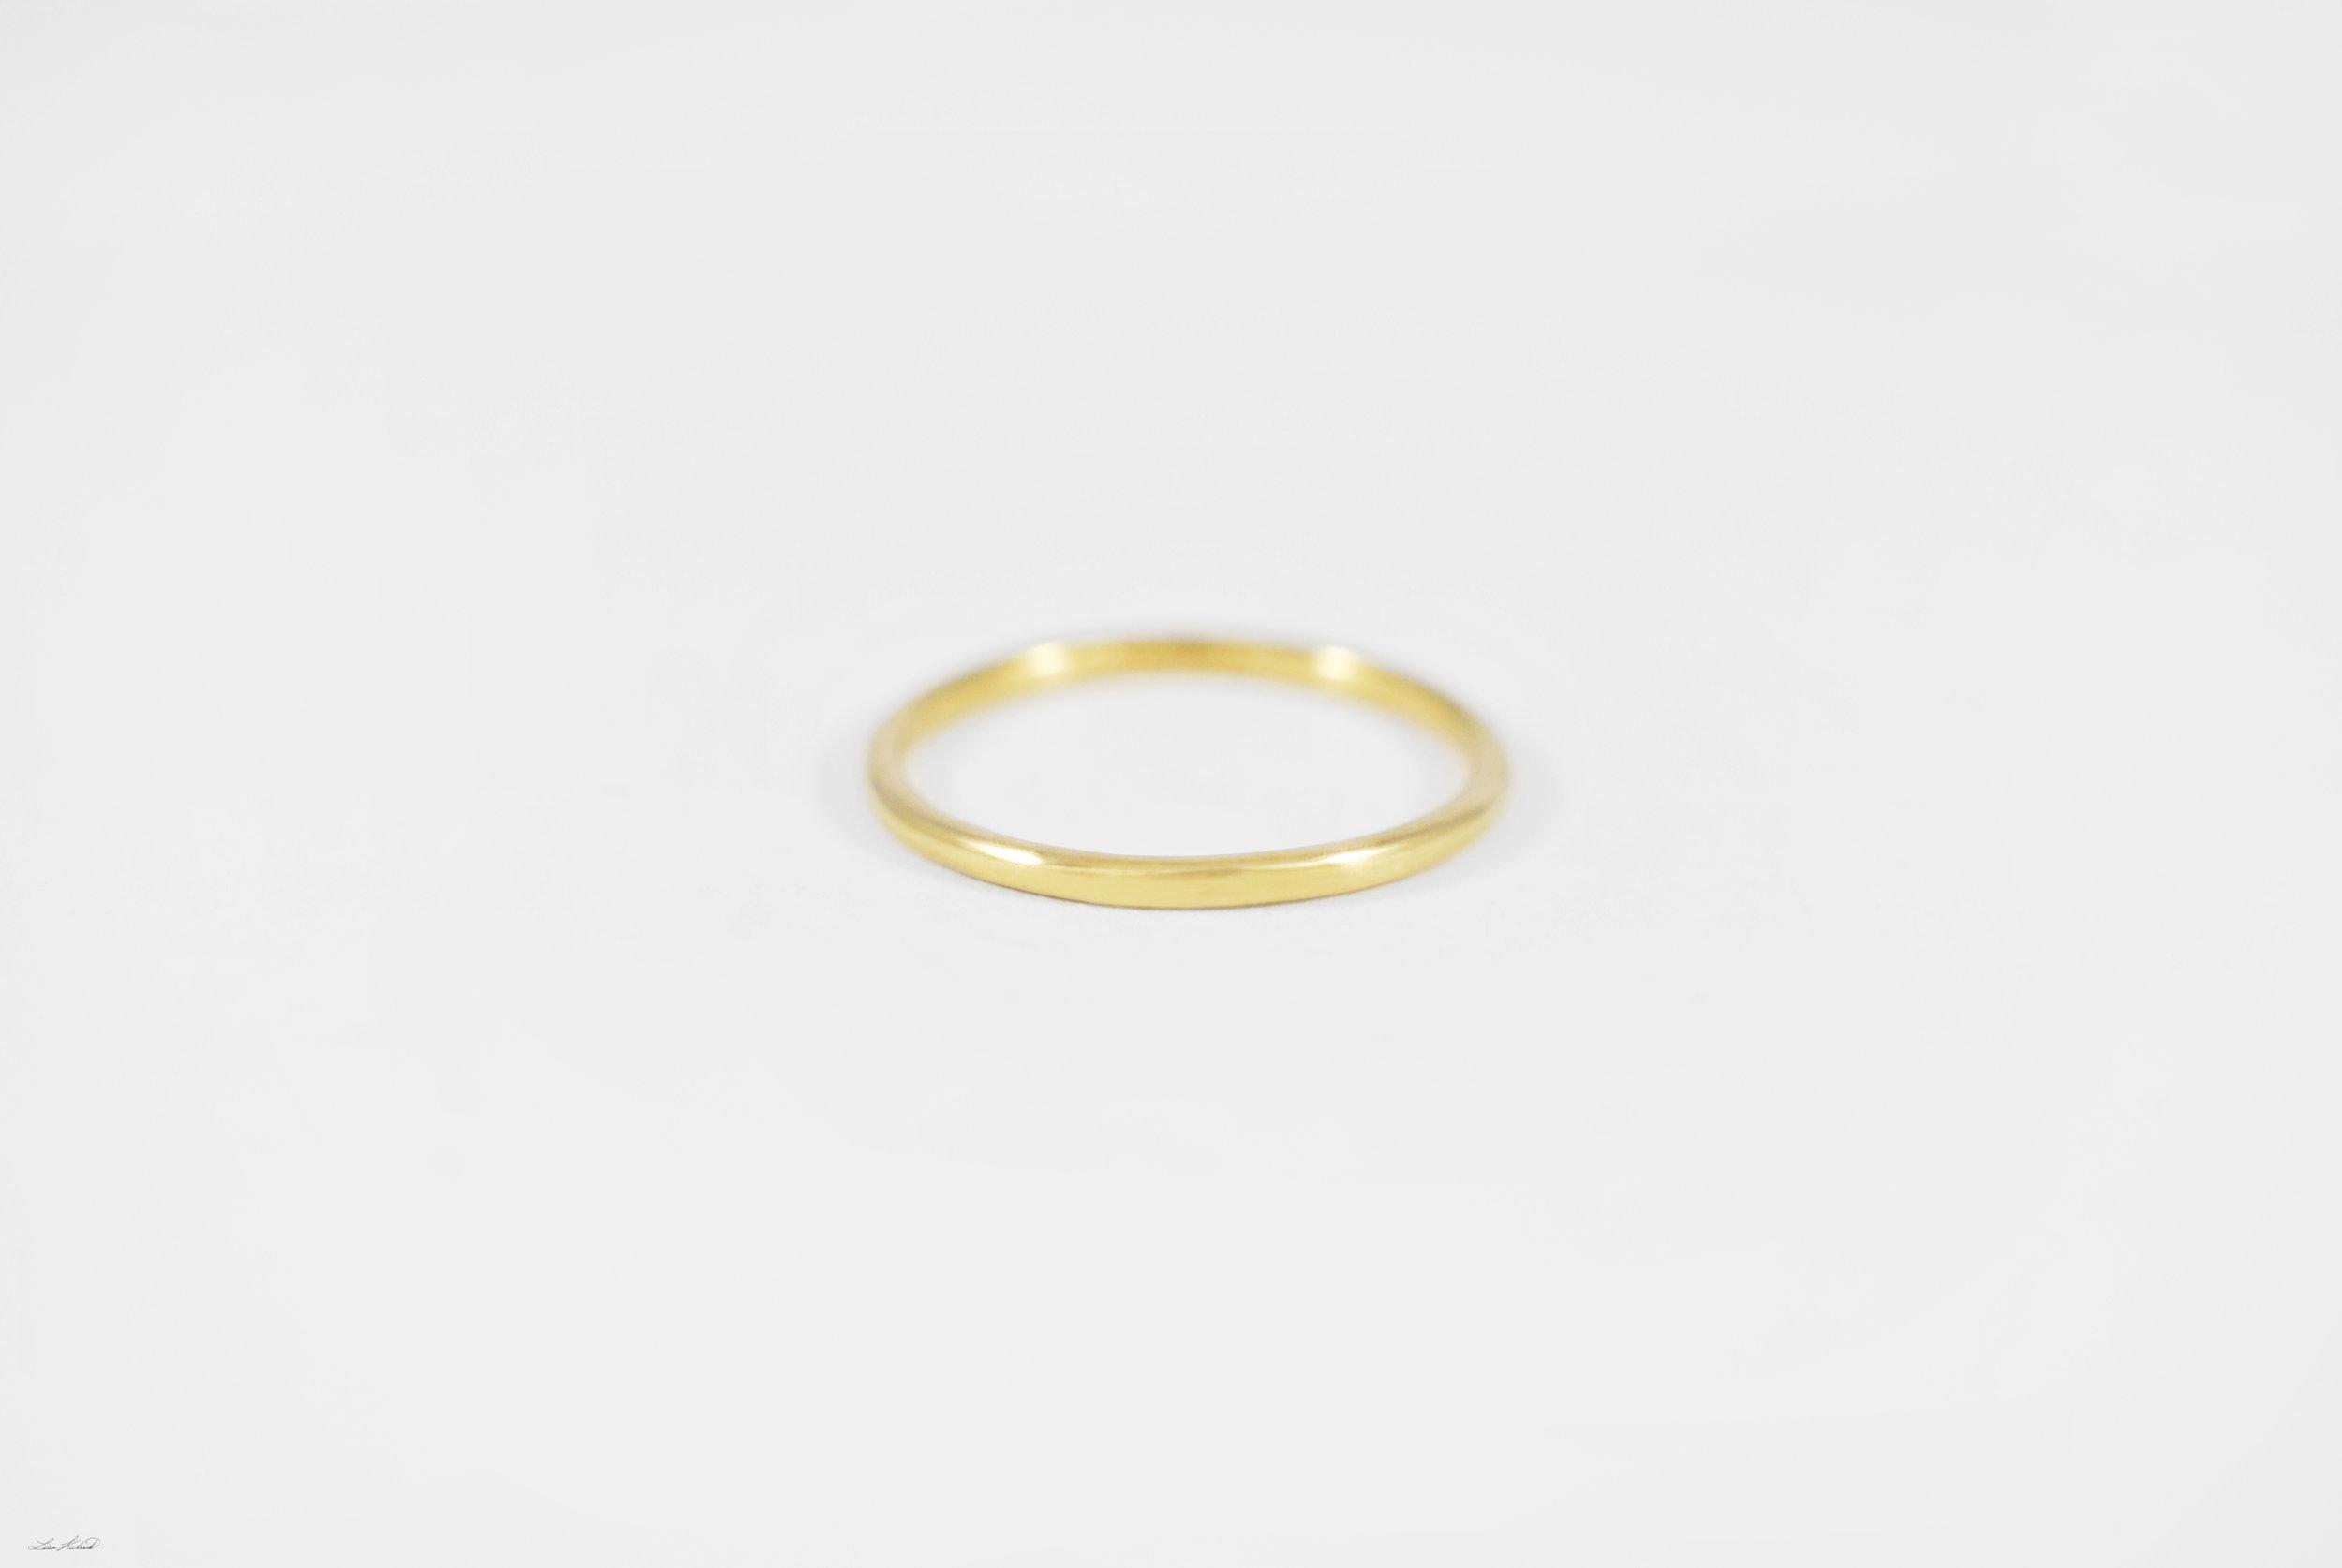 gold round wire ring.jpg